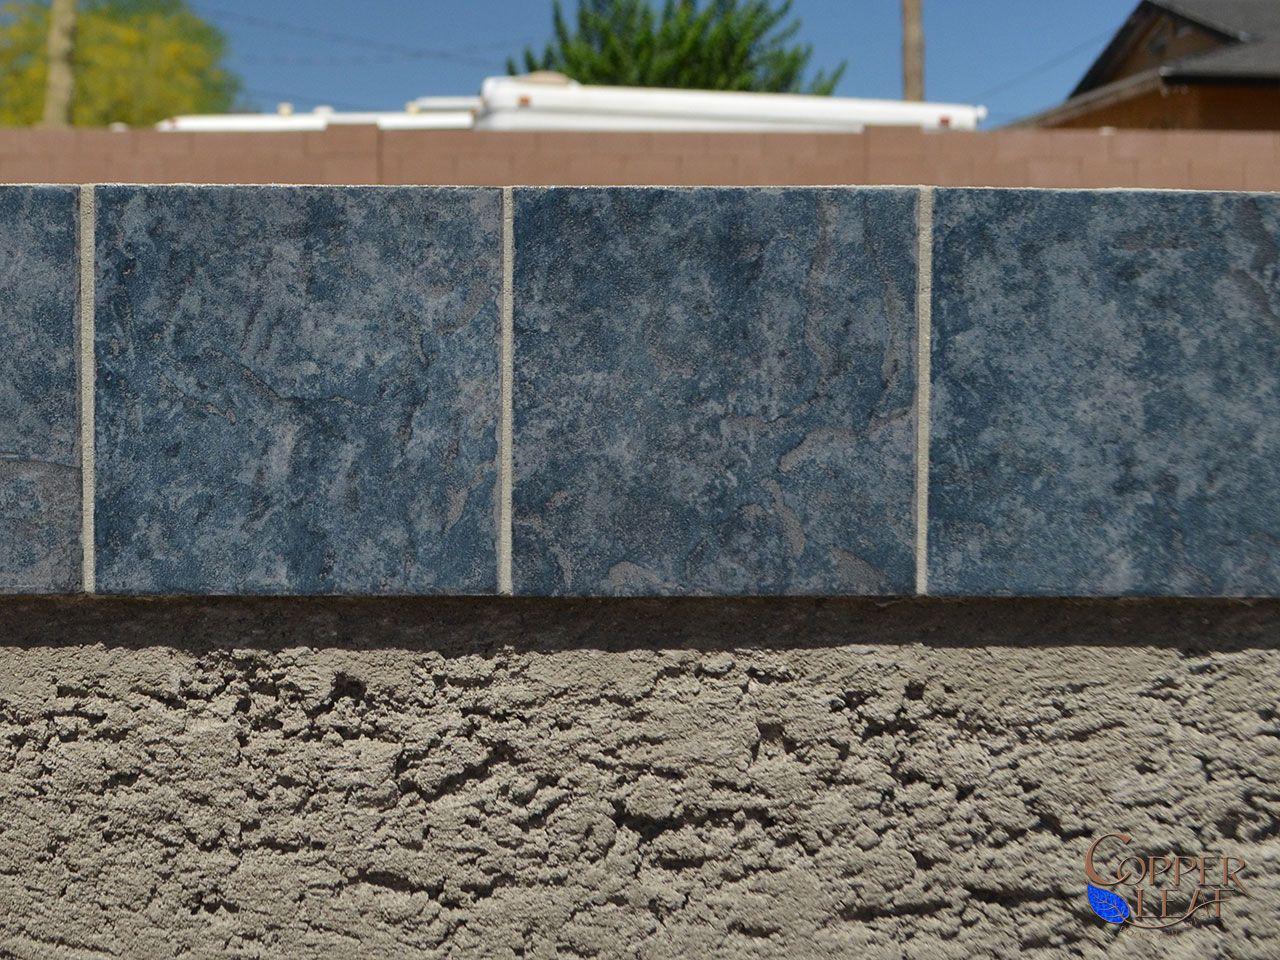 Pool Waterline Tile Ideas water line pool tile waterline tile with travertine coping Waterline Tile Pool Designspool